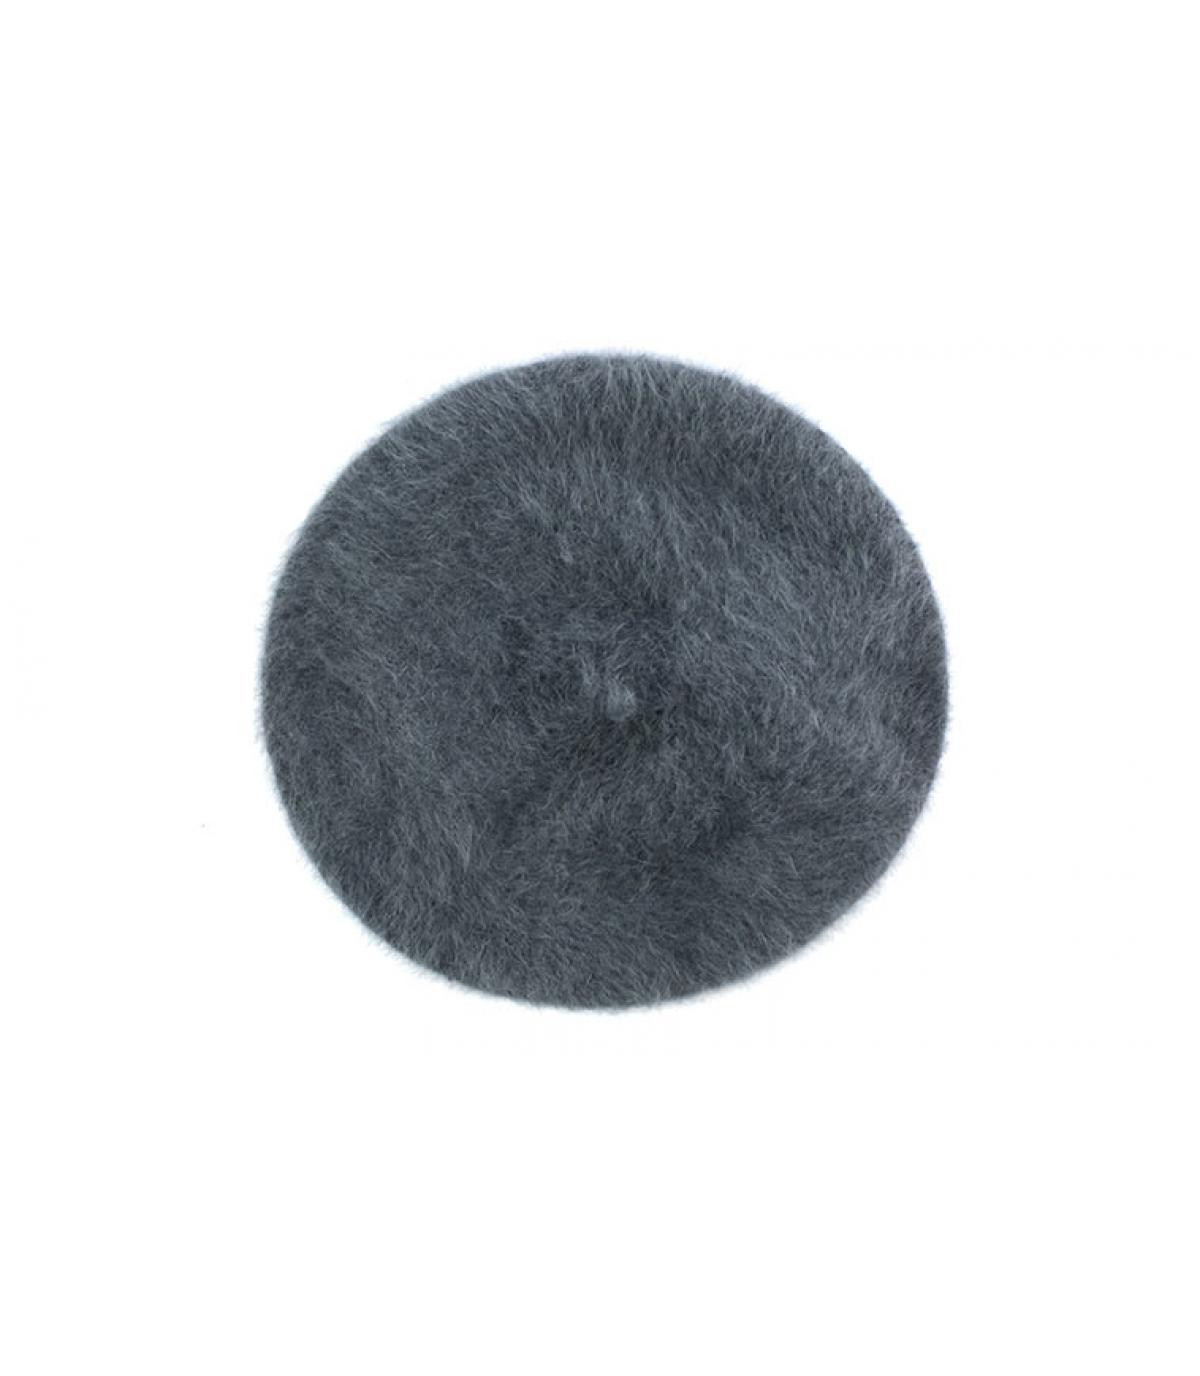 Détails Beret angora anthracite - image 2